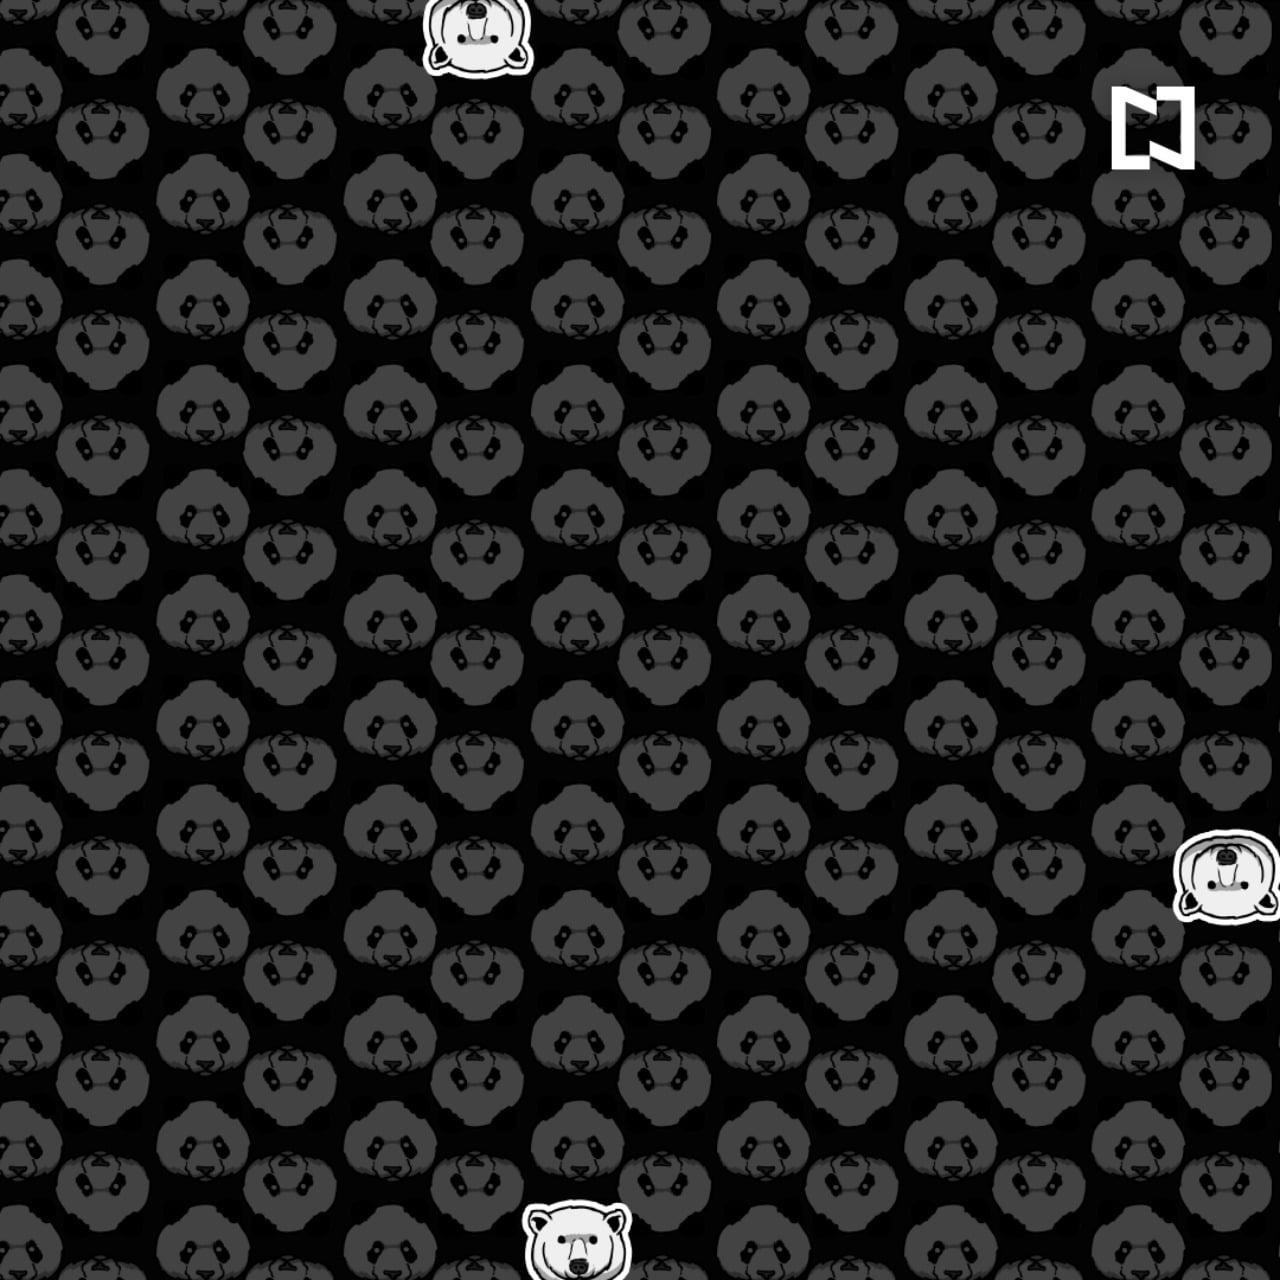 Respuesta del reto visual de los osos polares entre los pandas